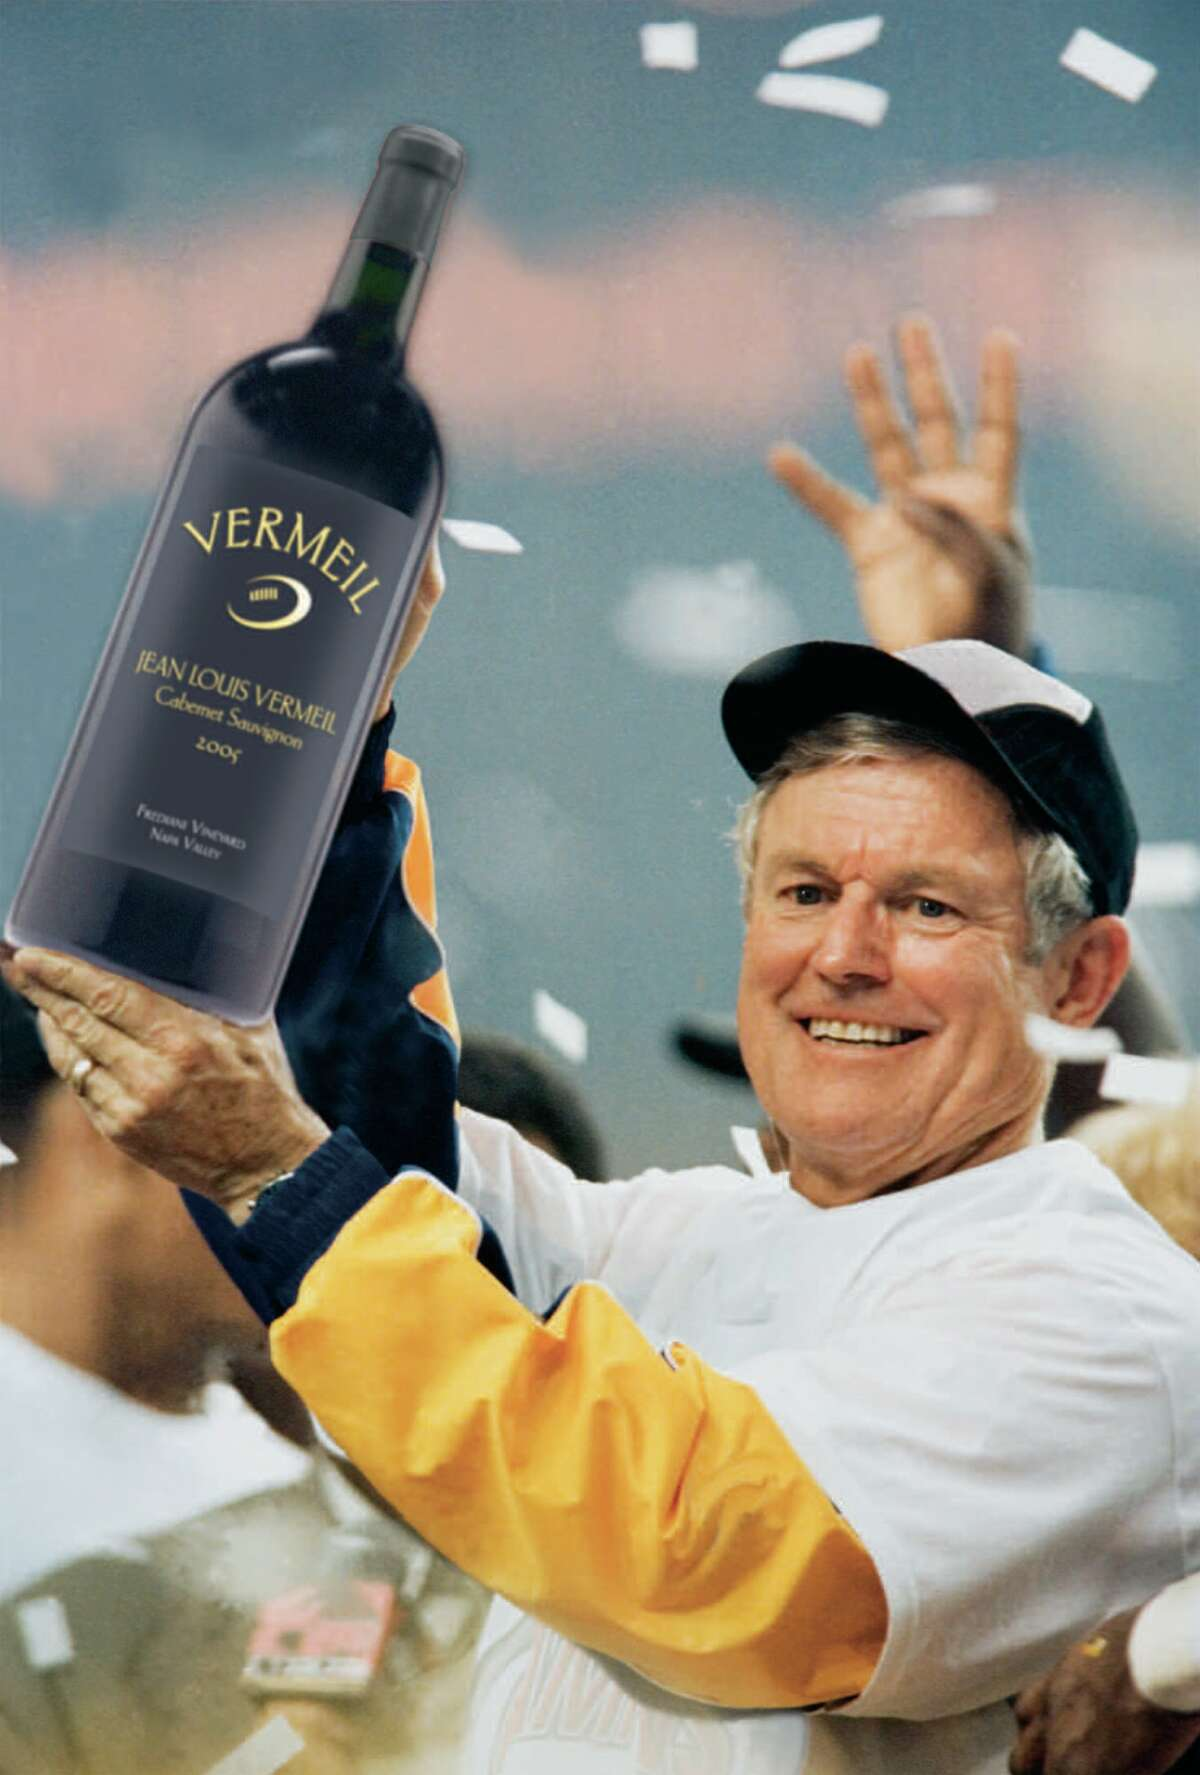 Dick Vermeil hoists a bottle of his Jean Louis Vermeil Cabernet Sauvignon.